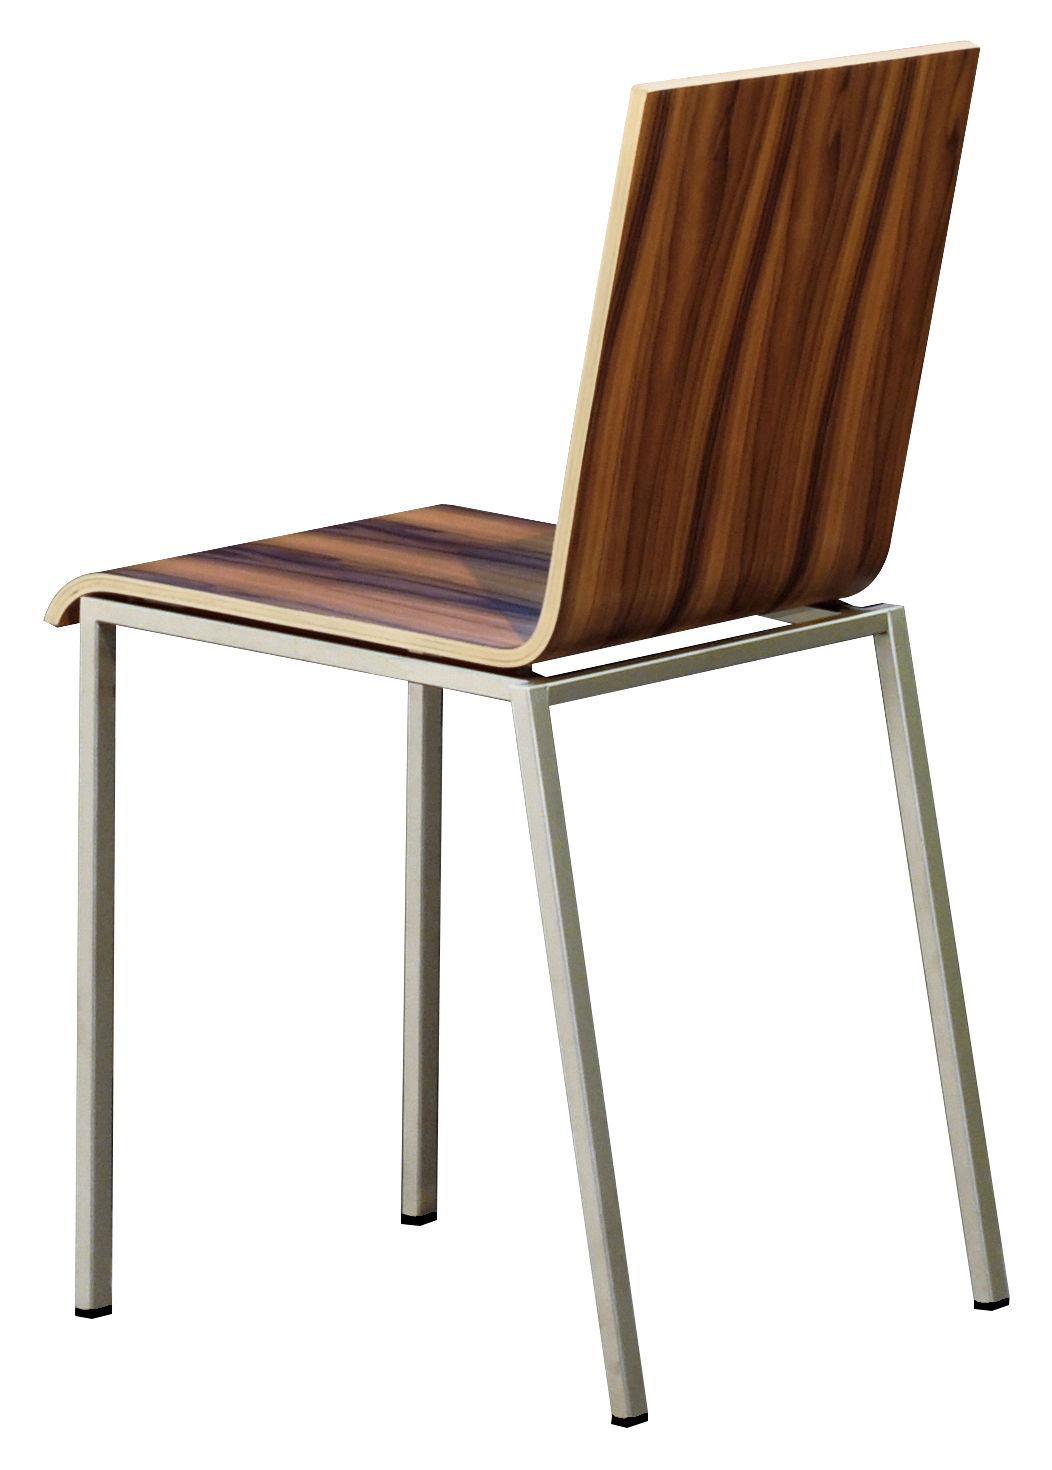 Bianca sedia versione legno palissandro by zeus made - Sedia legno bianca ...